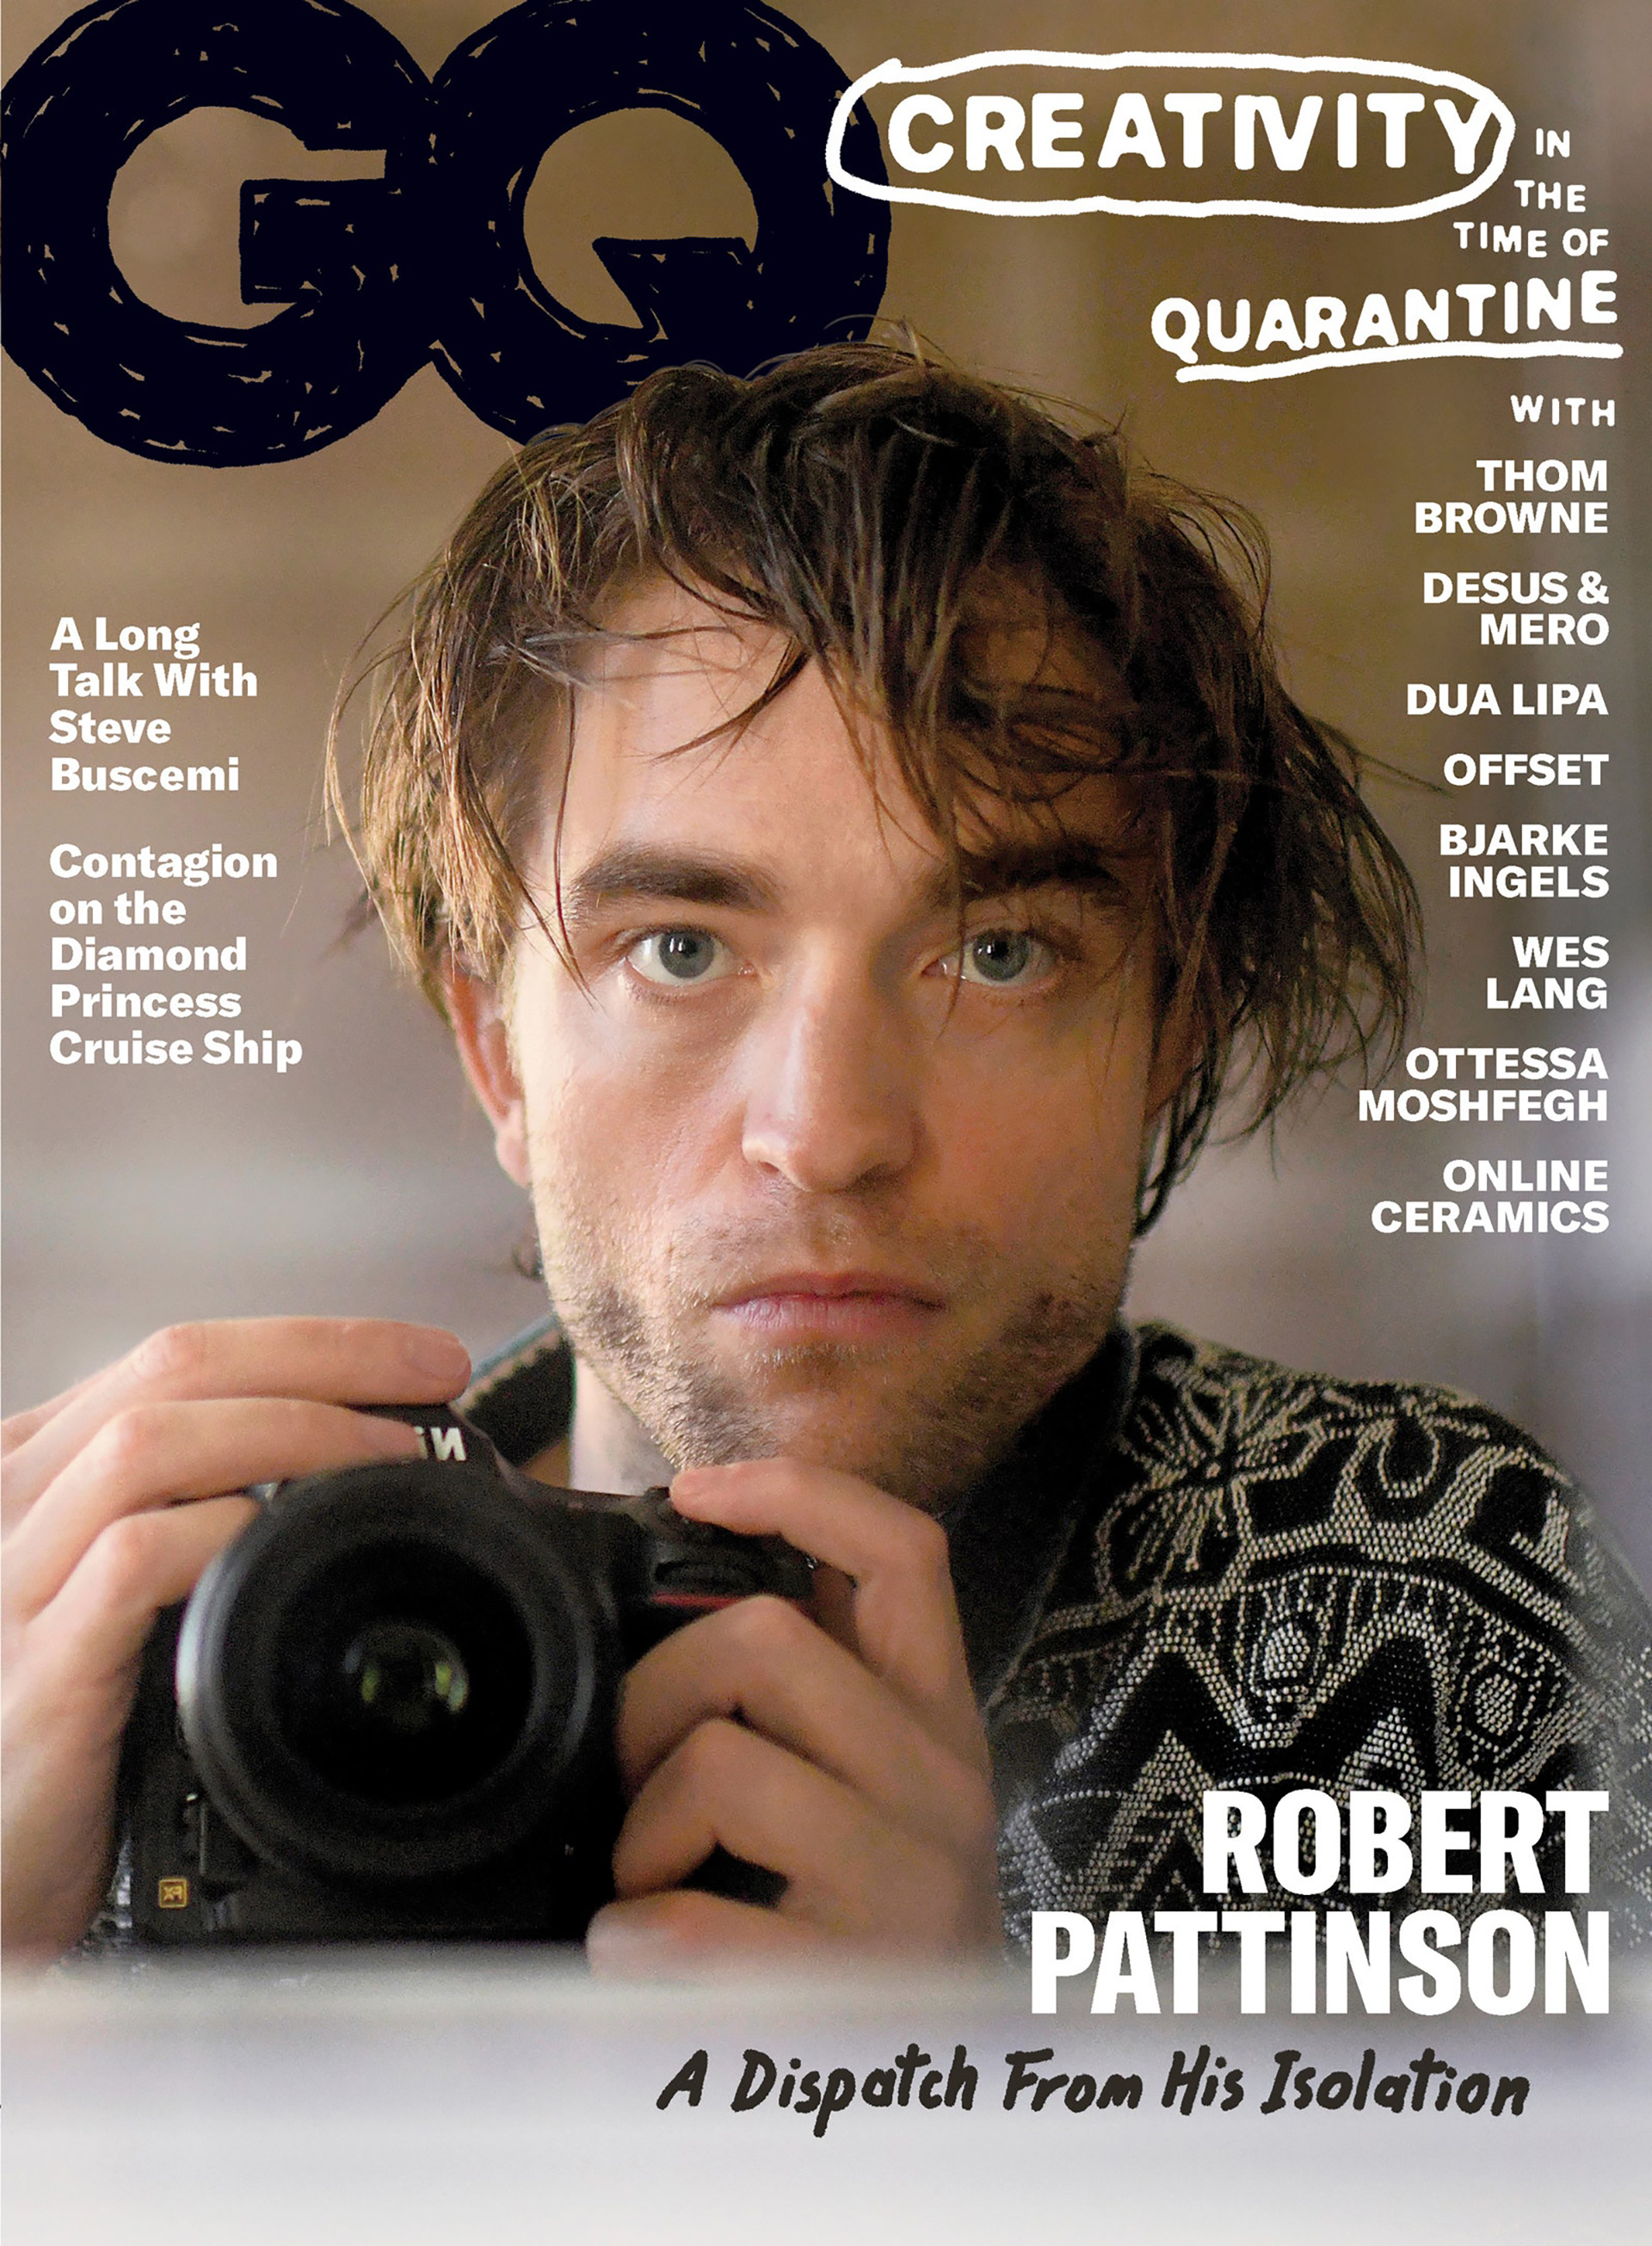 """El actor Robert Pattinson se convierte en tendencia tras publicarse una serie de sus autorretratos, en la revista GQ, titulada""""A dispatch From His Isolation""""."""